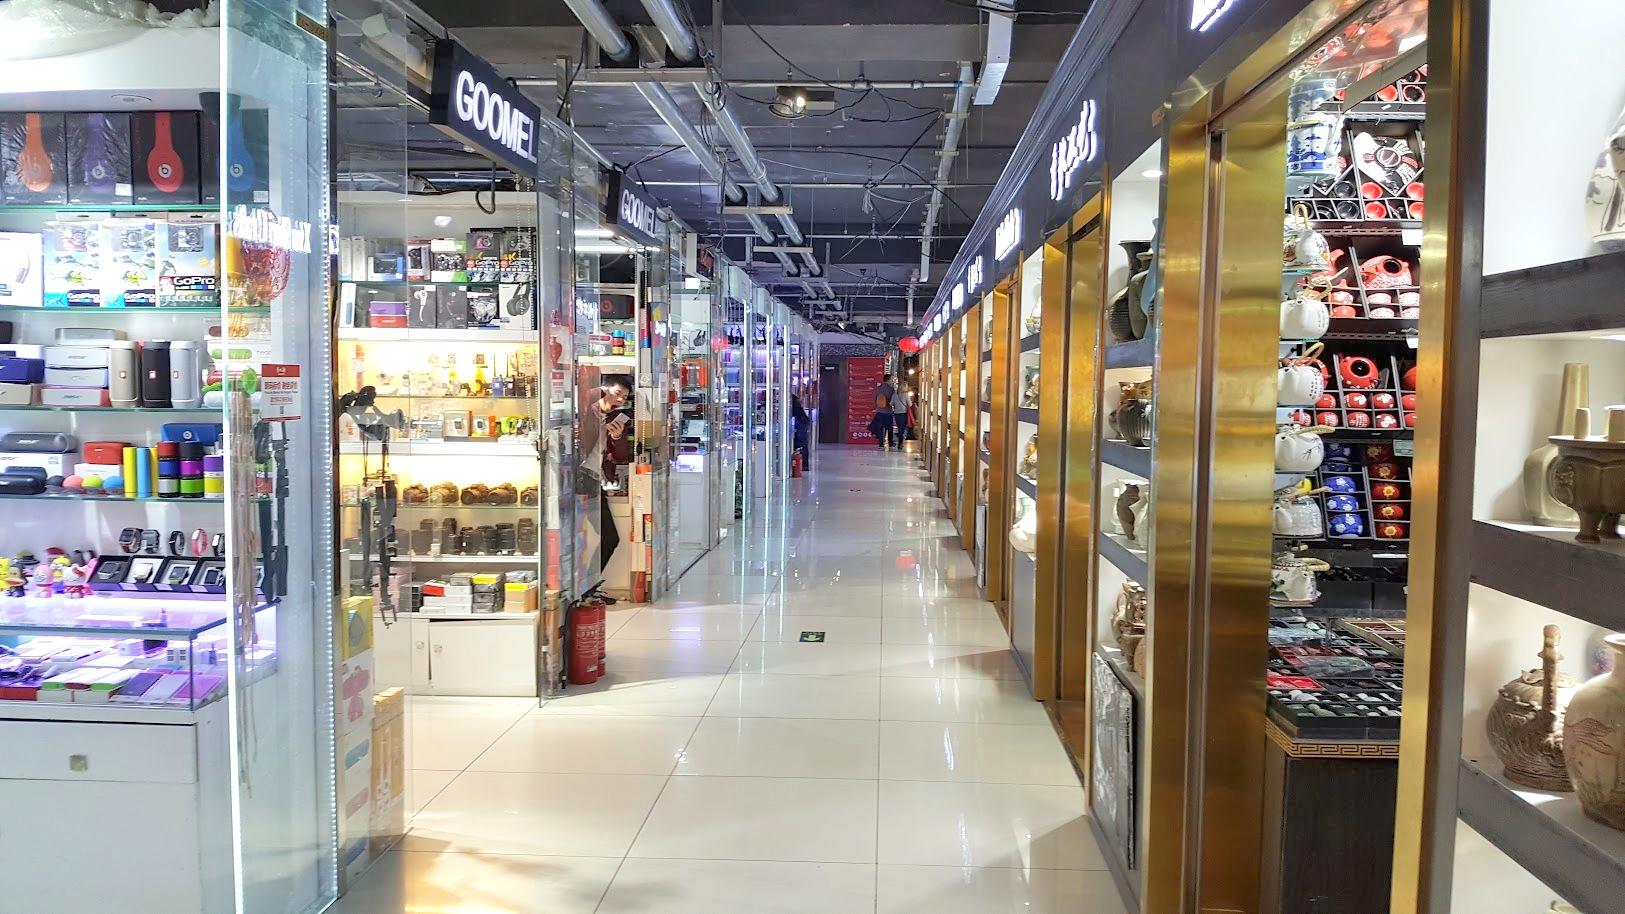 Silkkimarkkinat_Peking feikkimarkkinat markkinat ostokset peking